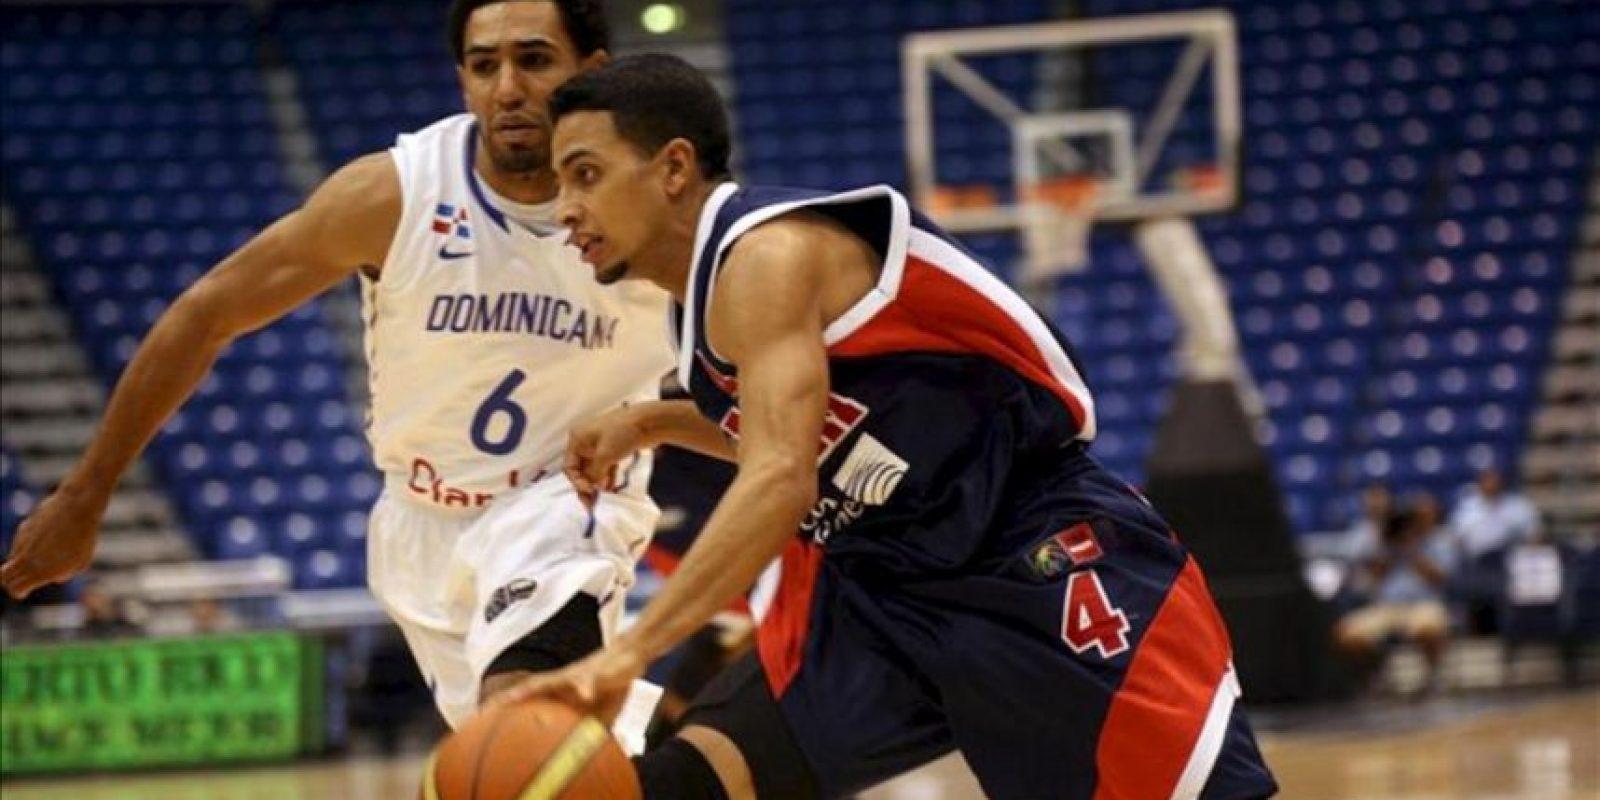 El panameño Joel Muñoz (d), en acción ante Juan Coronado (i) de República Dominicana durante el partido de la semifinal de baloncesto del Centrobasket 2012 disputado en San Juan (Puerto Rico). EFE